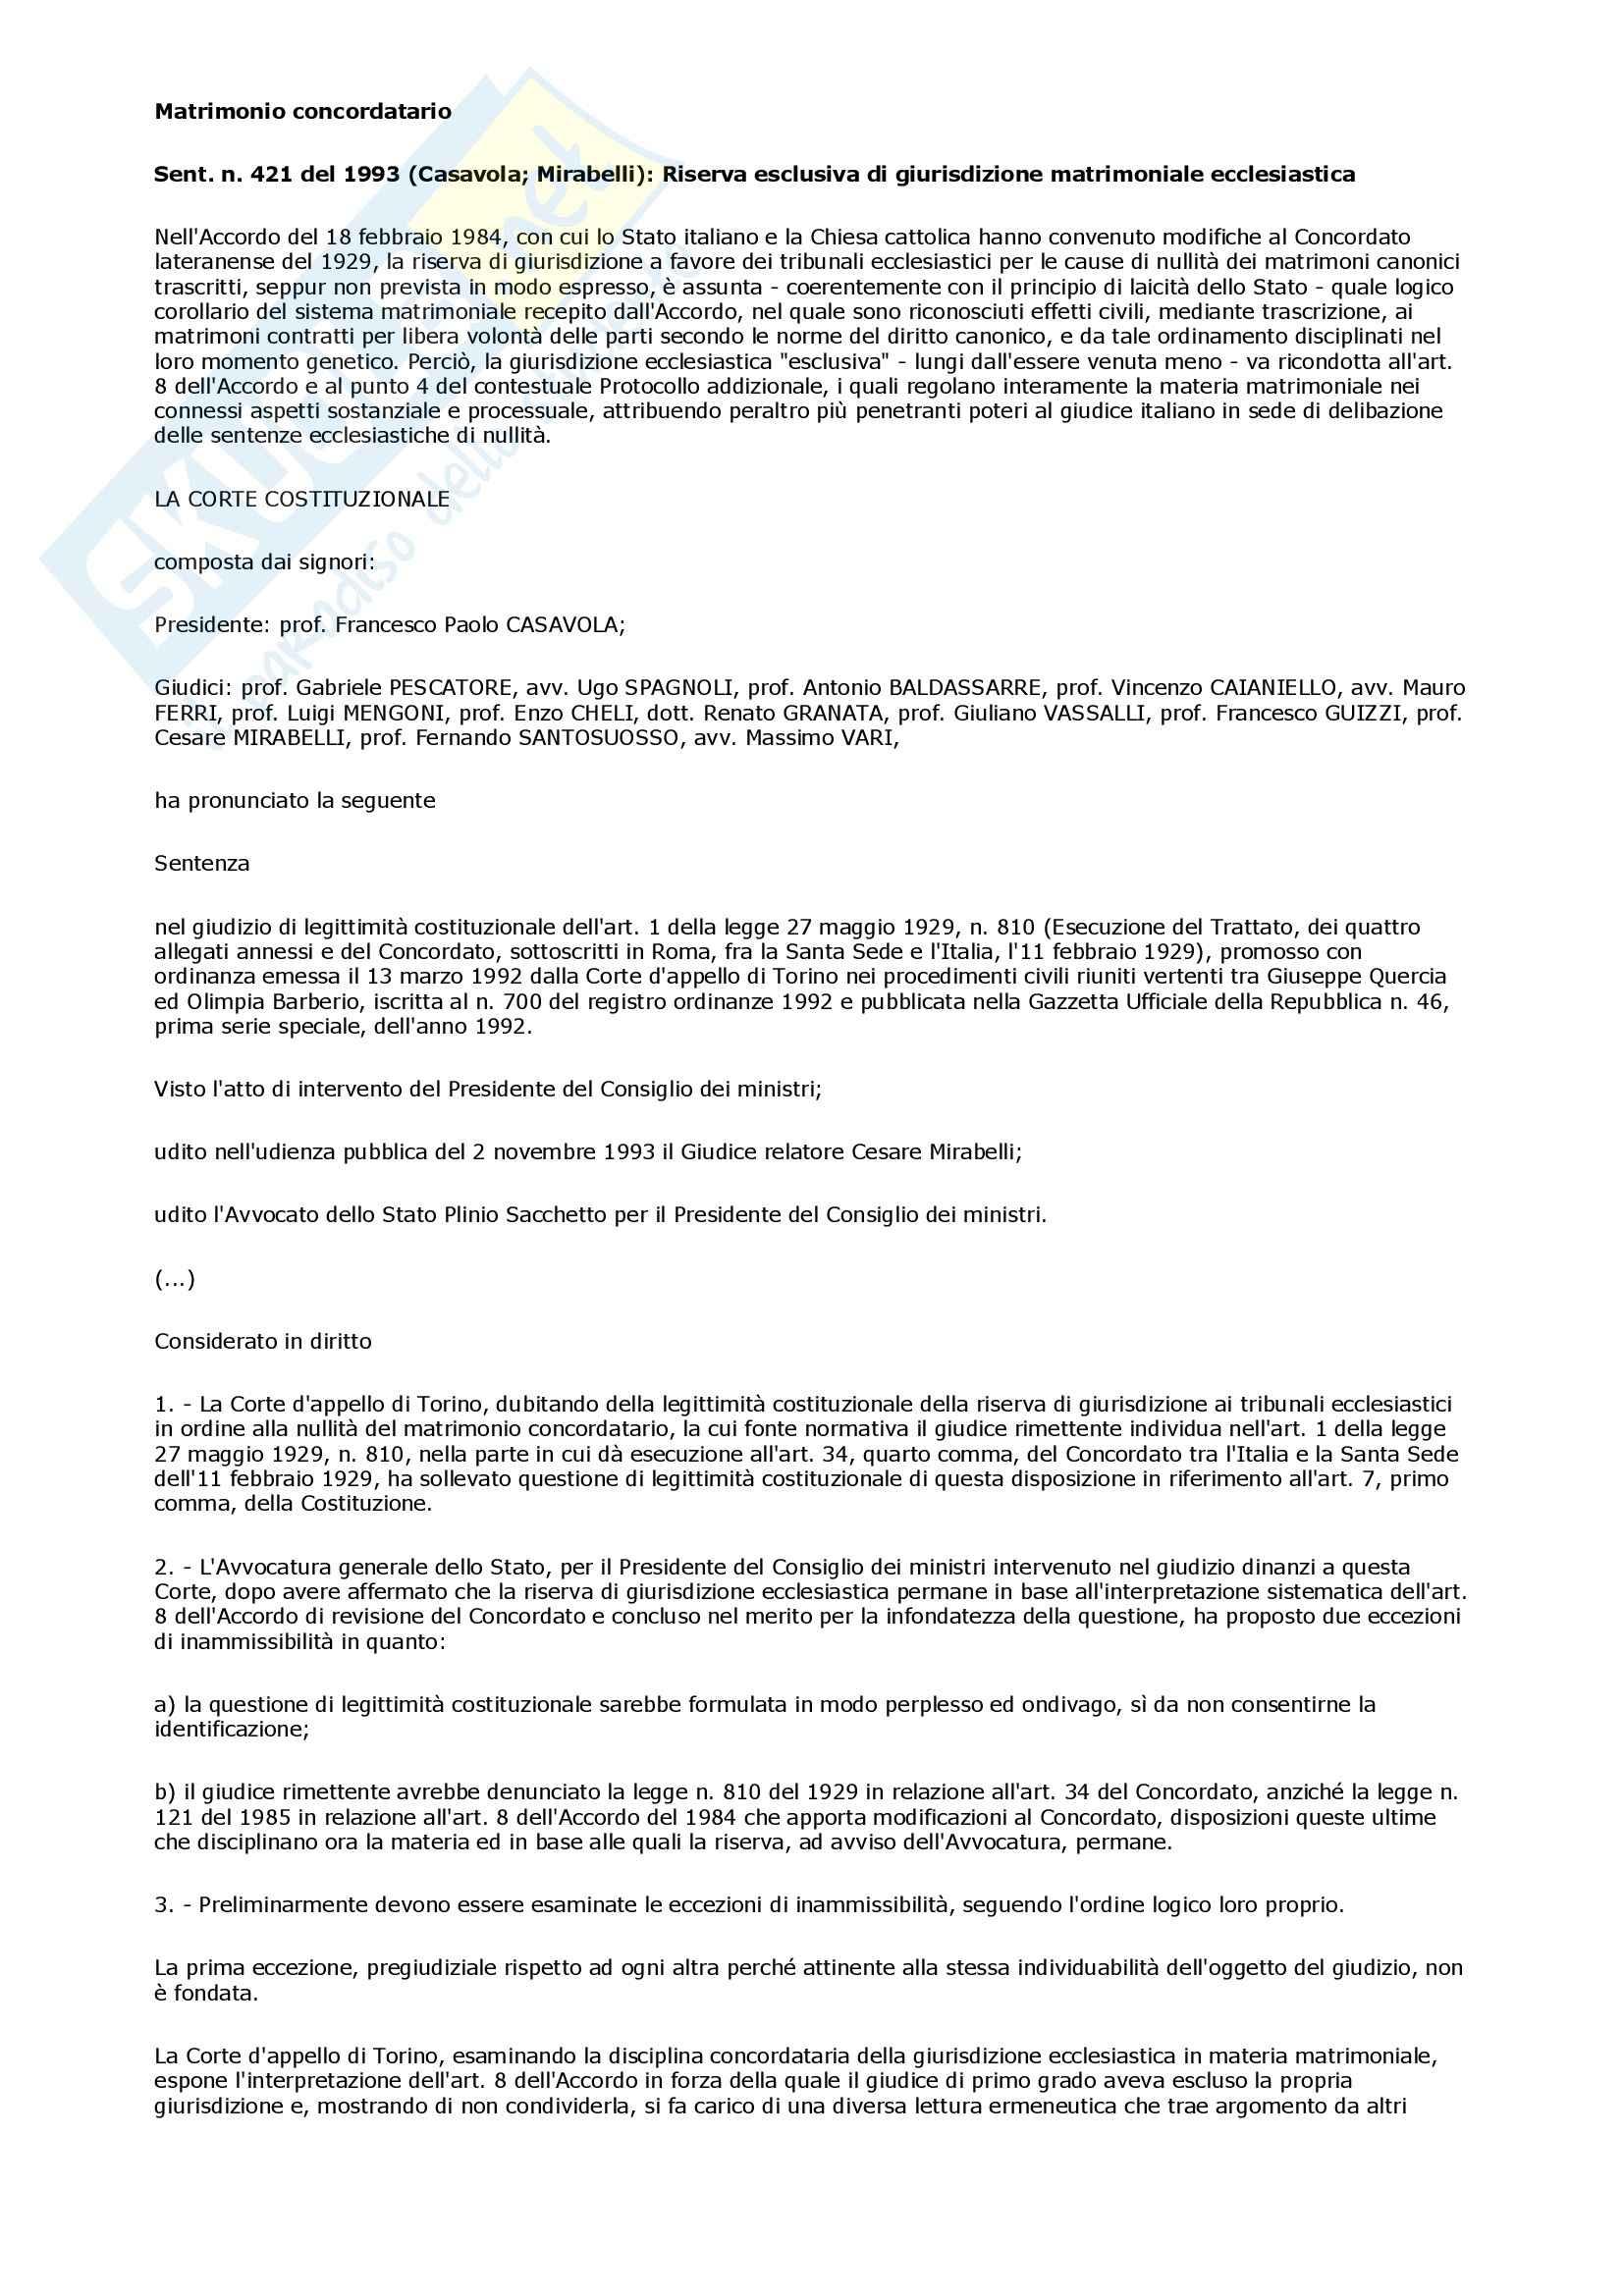 Diritto ecclesiastico - Sentenza n. 421 del 1993